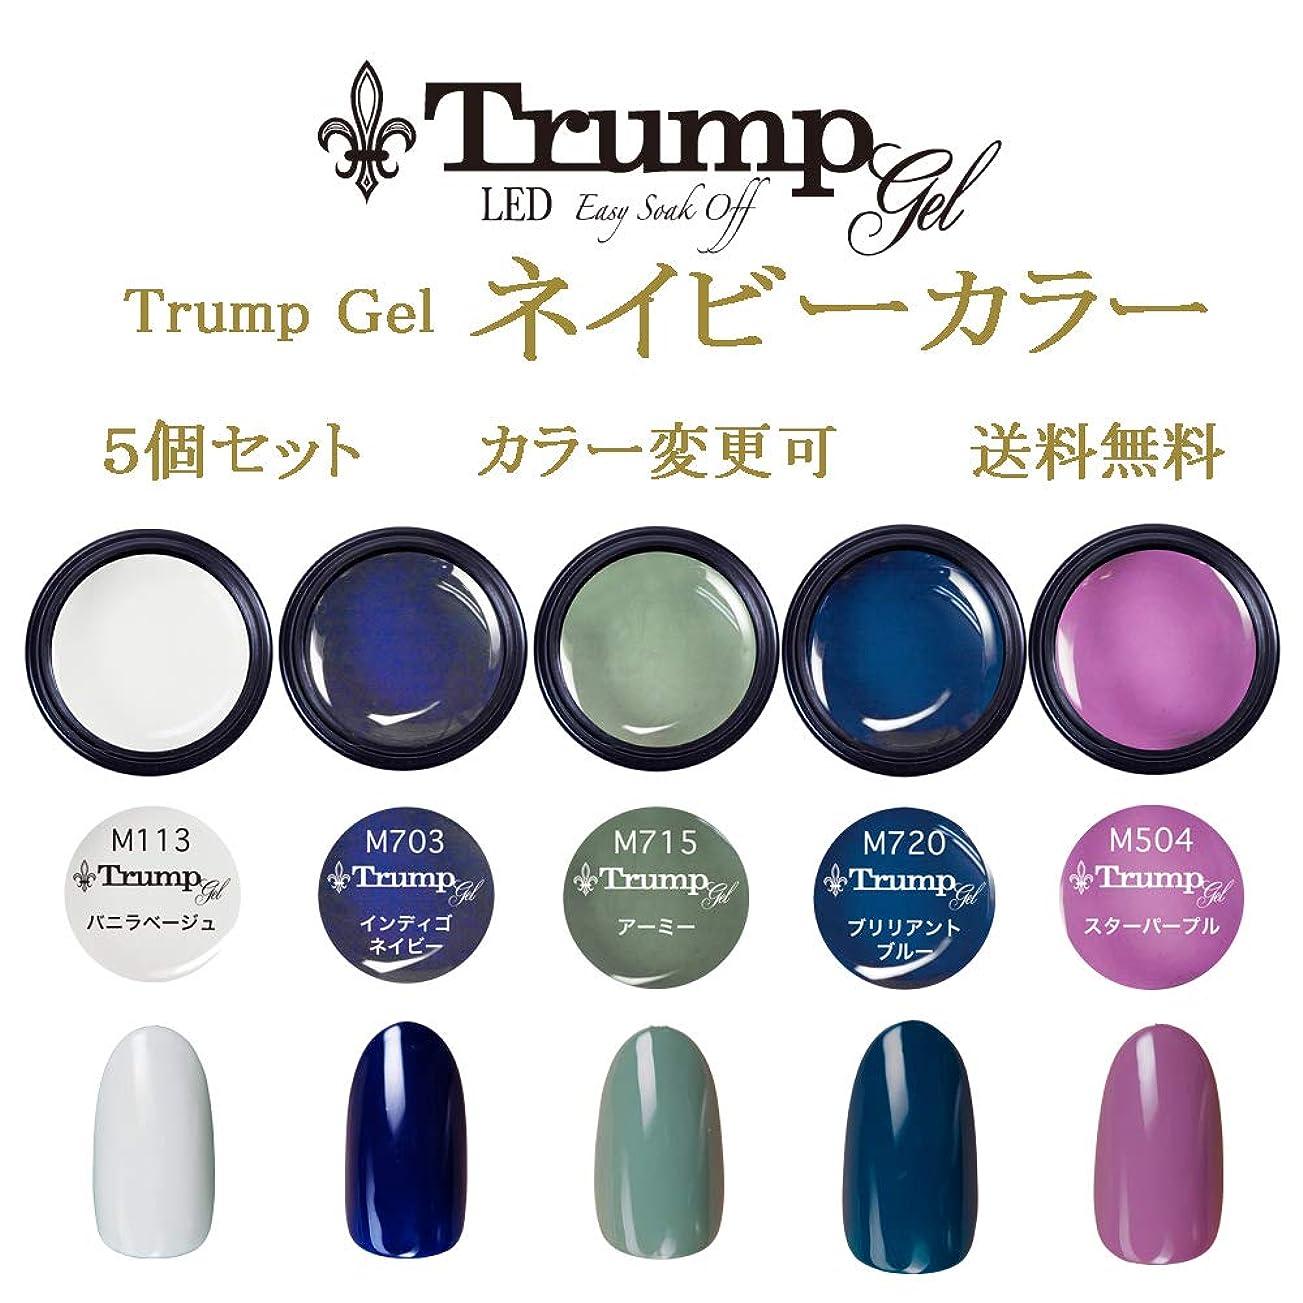 適切な別々に禁じる日本製 Trump gel トランプジェル ネイビーカラー 選べる カラージェル 5個セット ホワイト ブルー ネイビー パープル カーキ グリーン